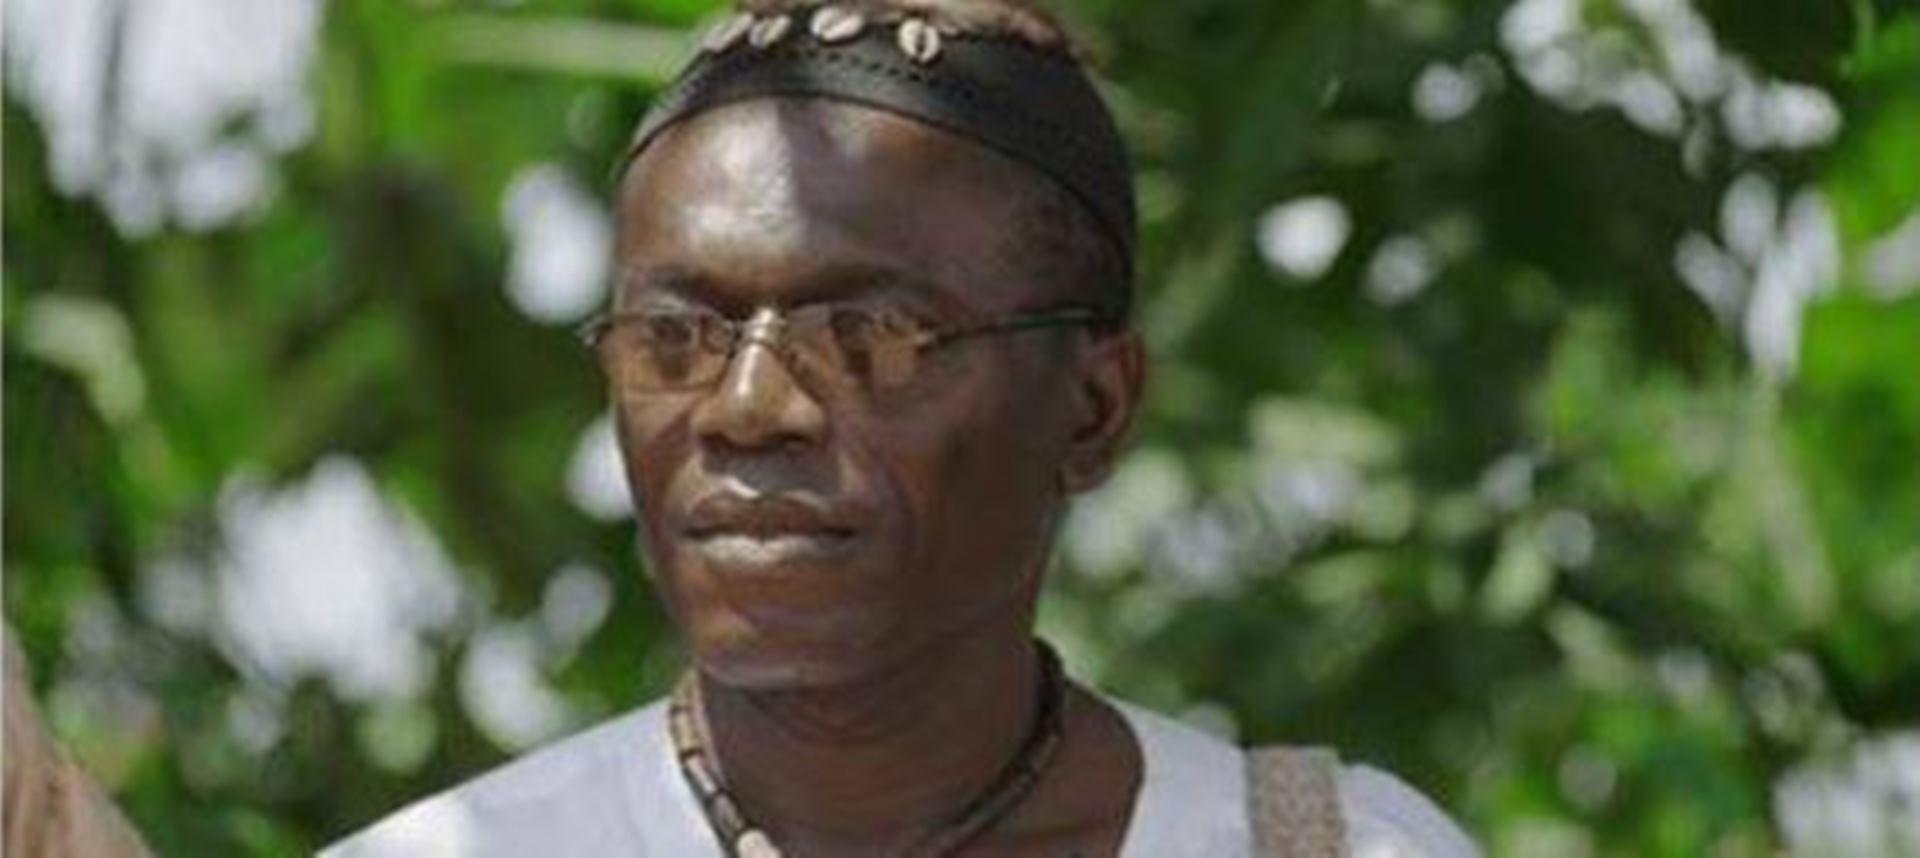 Qui est Mbombog Mbengan Nkaïnjé, la « Bibliothèque » d'Equinoxe ? (Biographie)